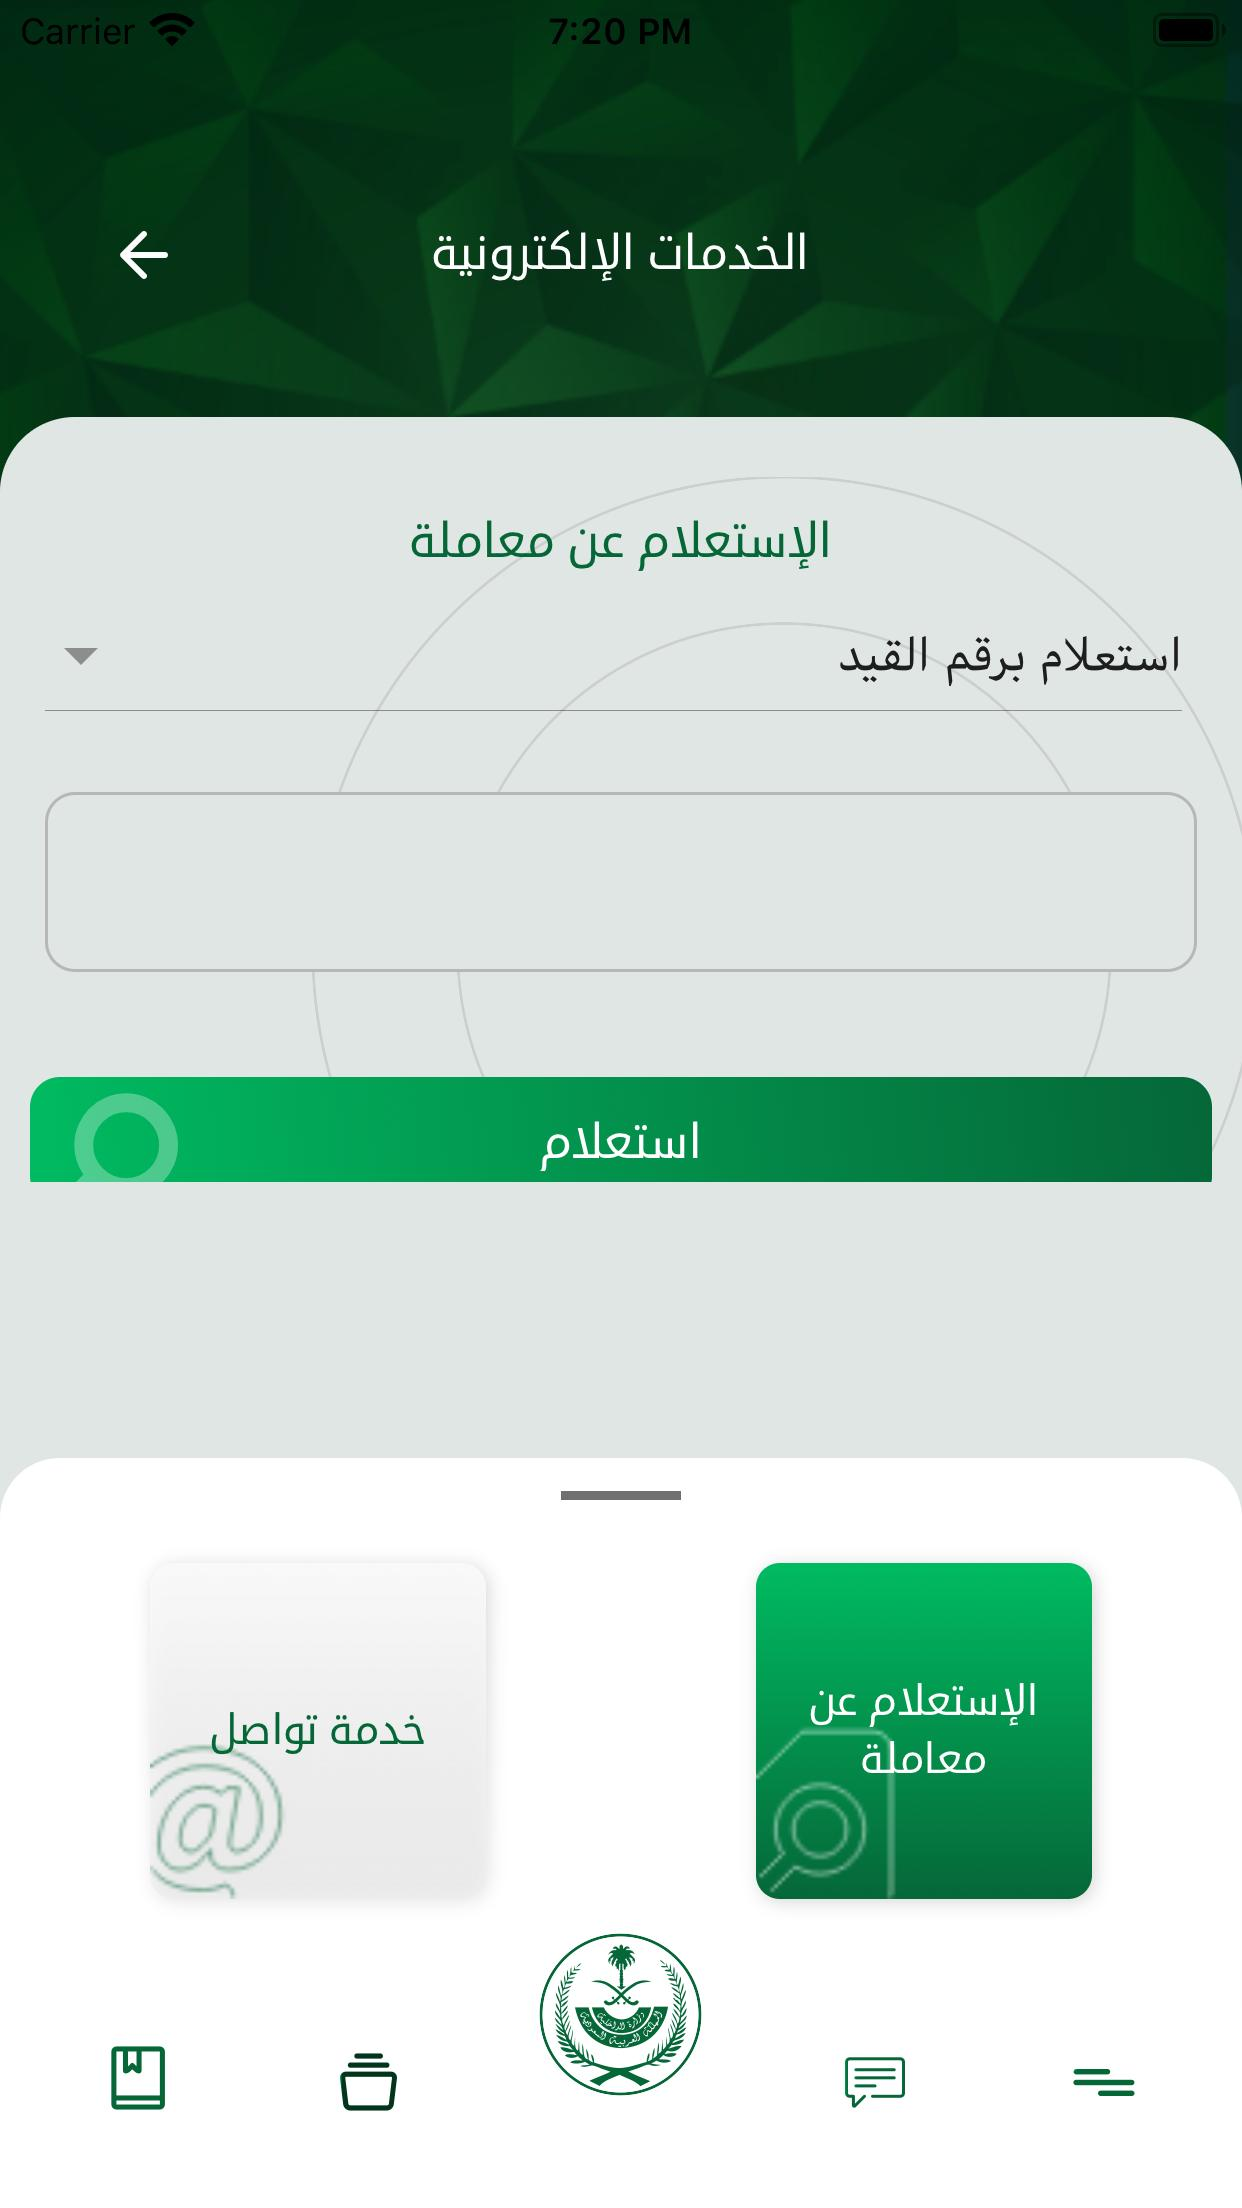 استعلام عن معاملة في الإمارة الرياض برقم الهوية